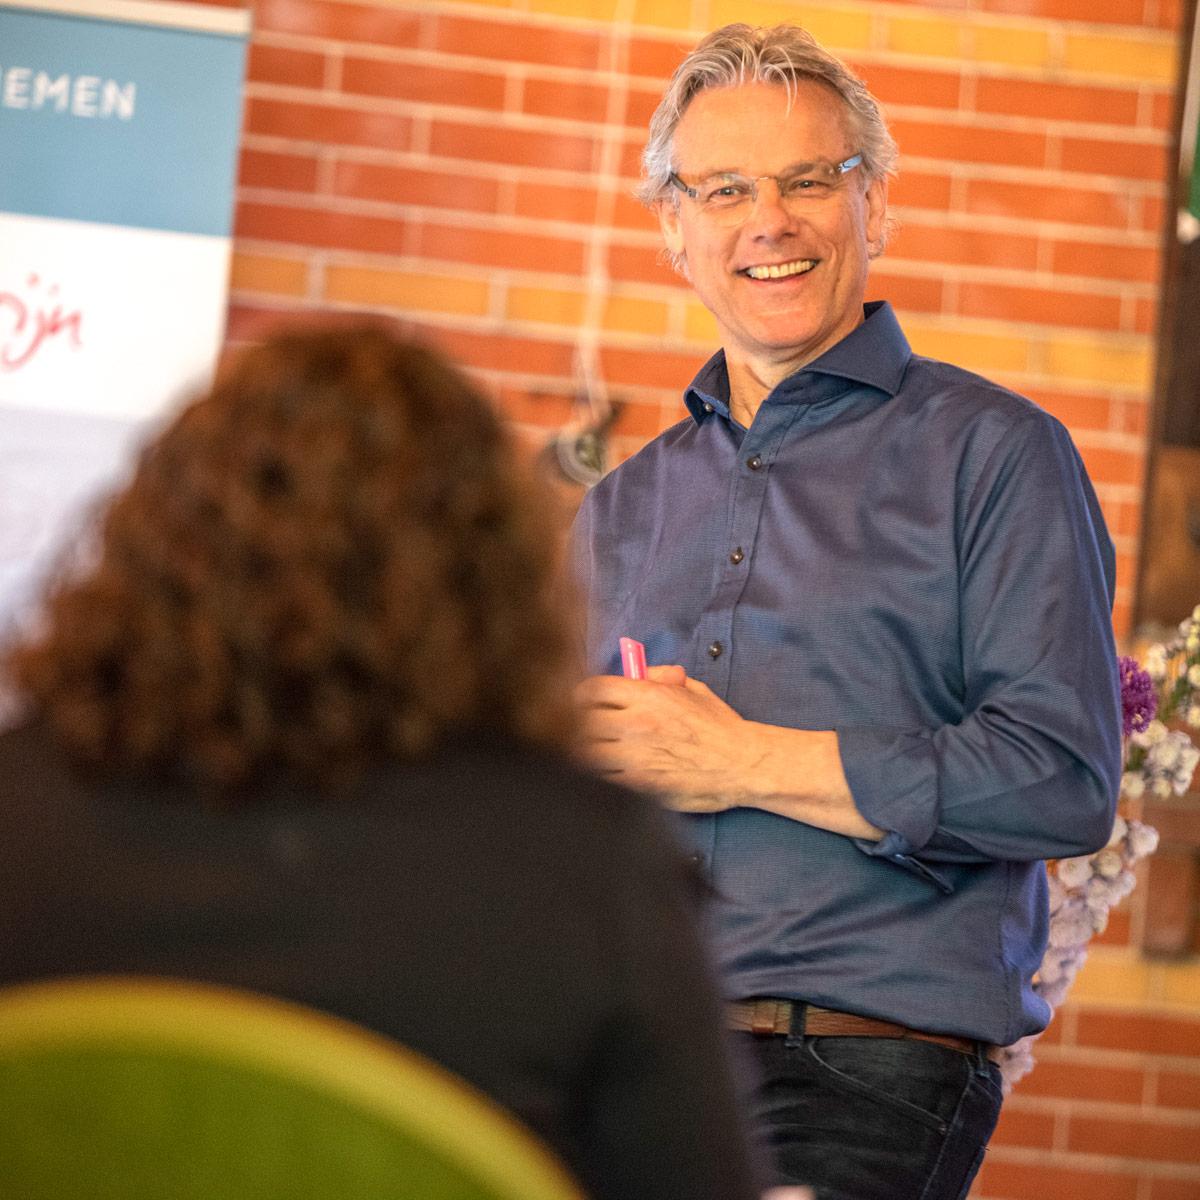 Thijs van Halewijn Business Coach